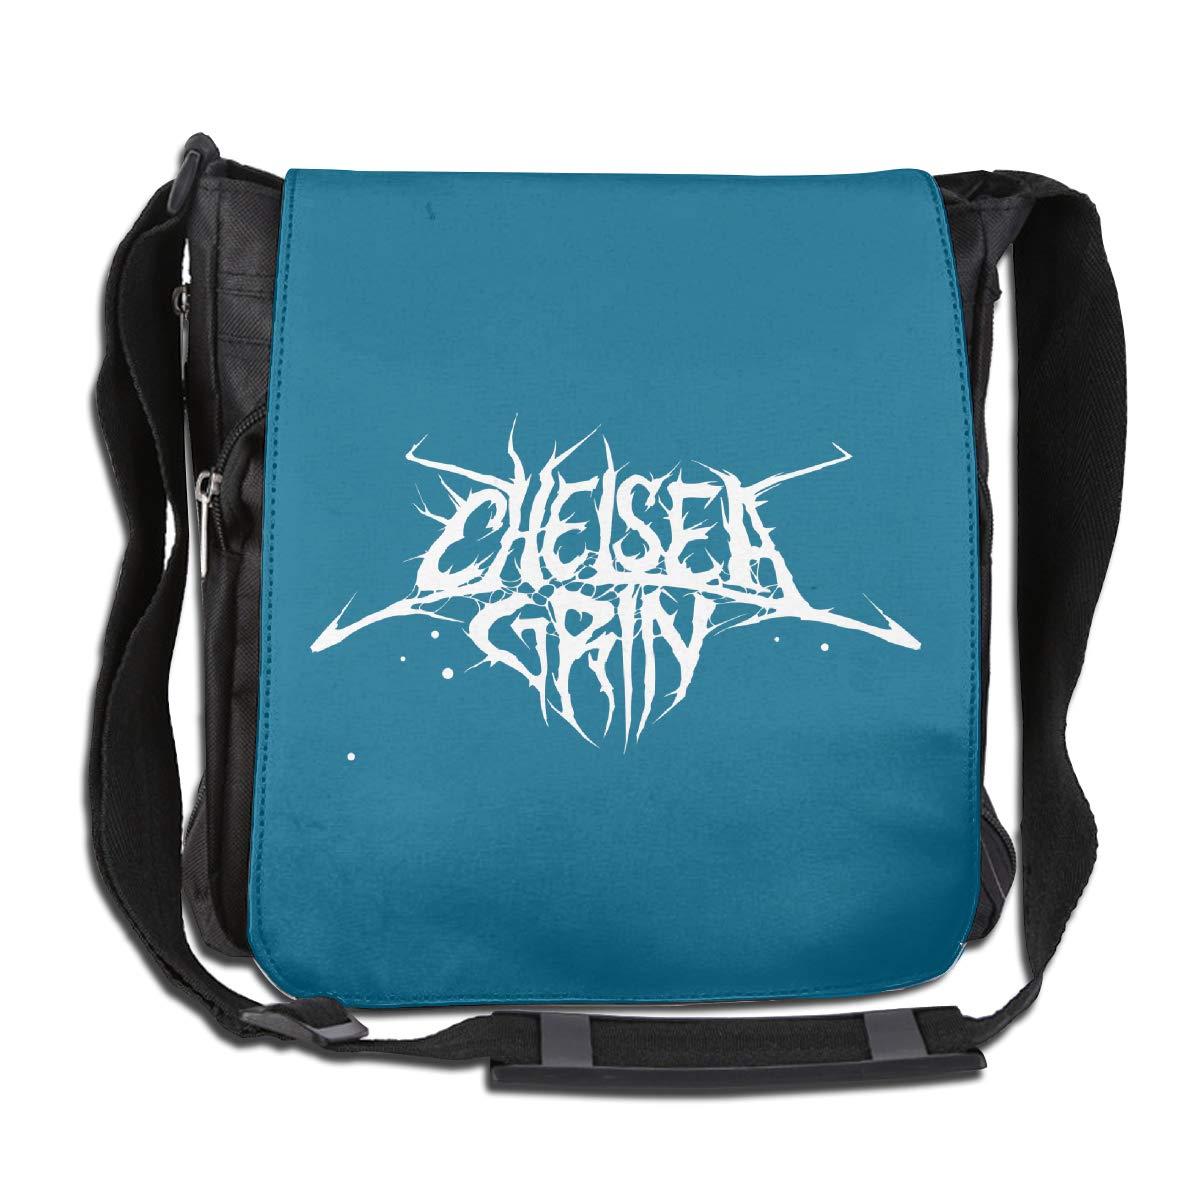 Chelsea Grin Shoulder Bag For All-Purpose Use Messenger Bag